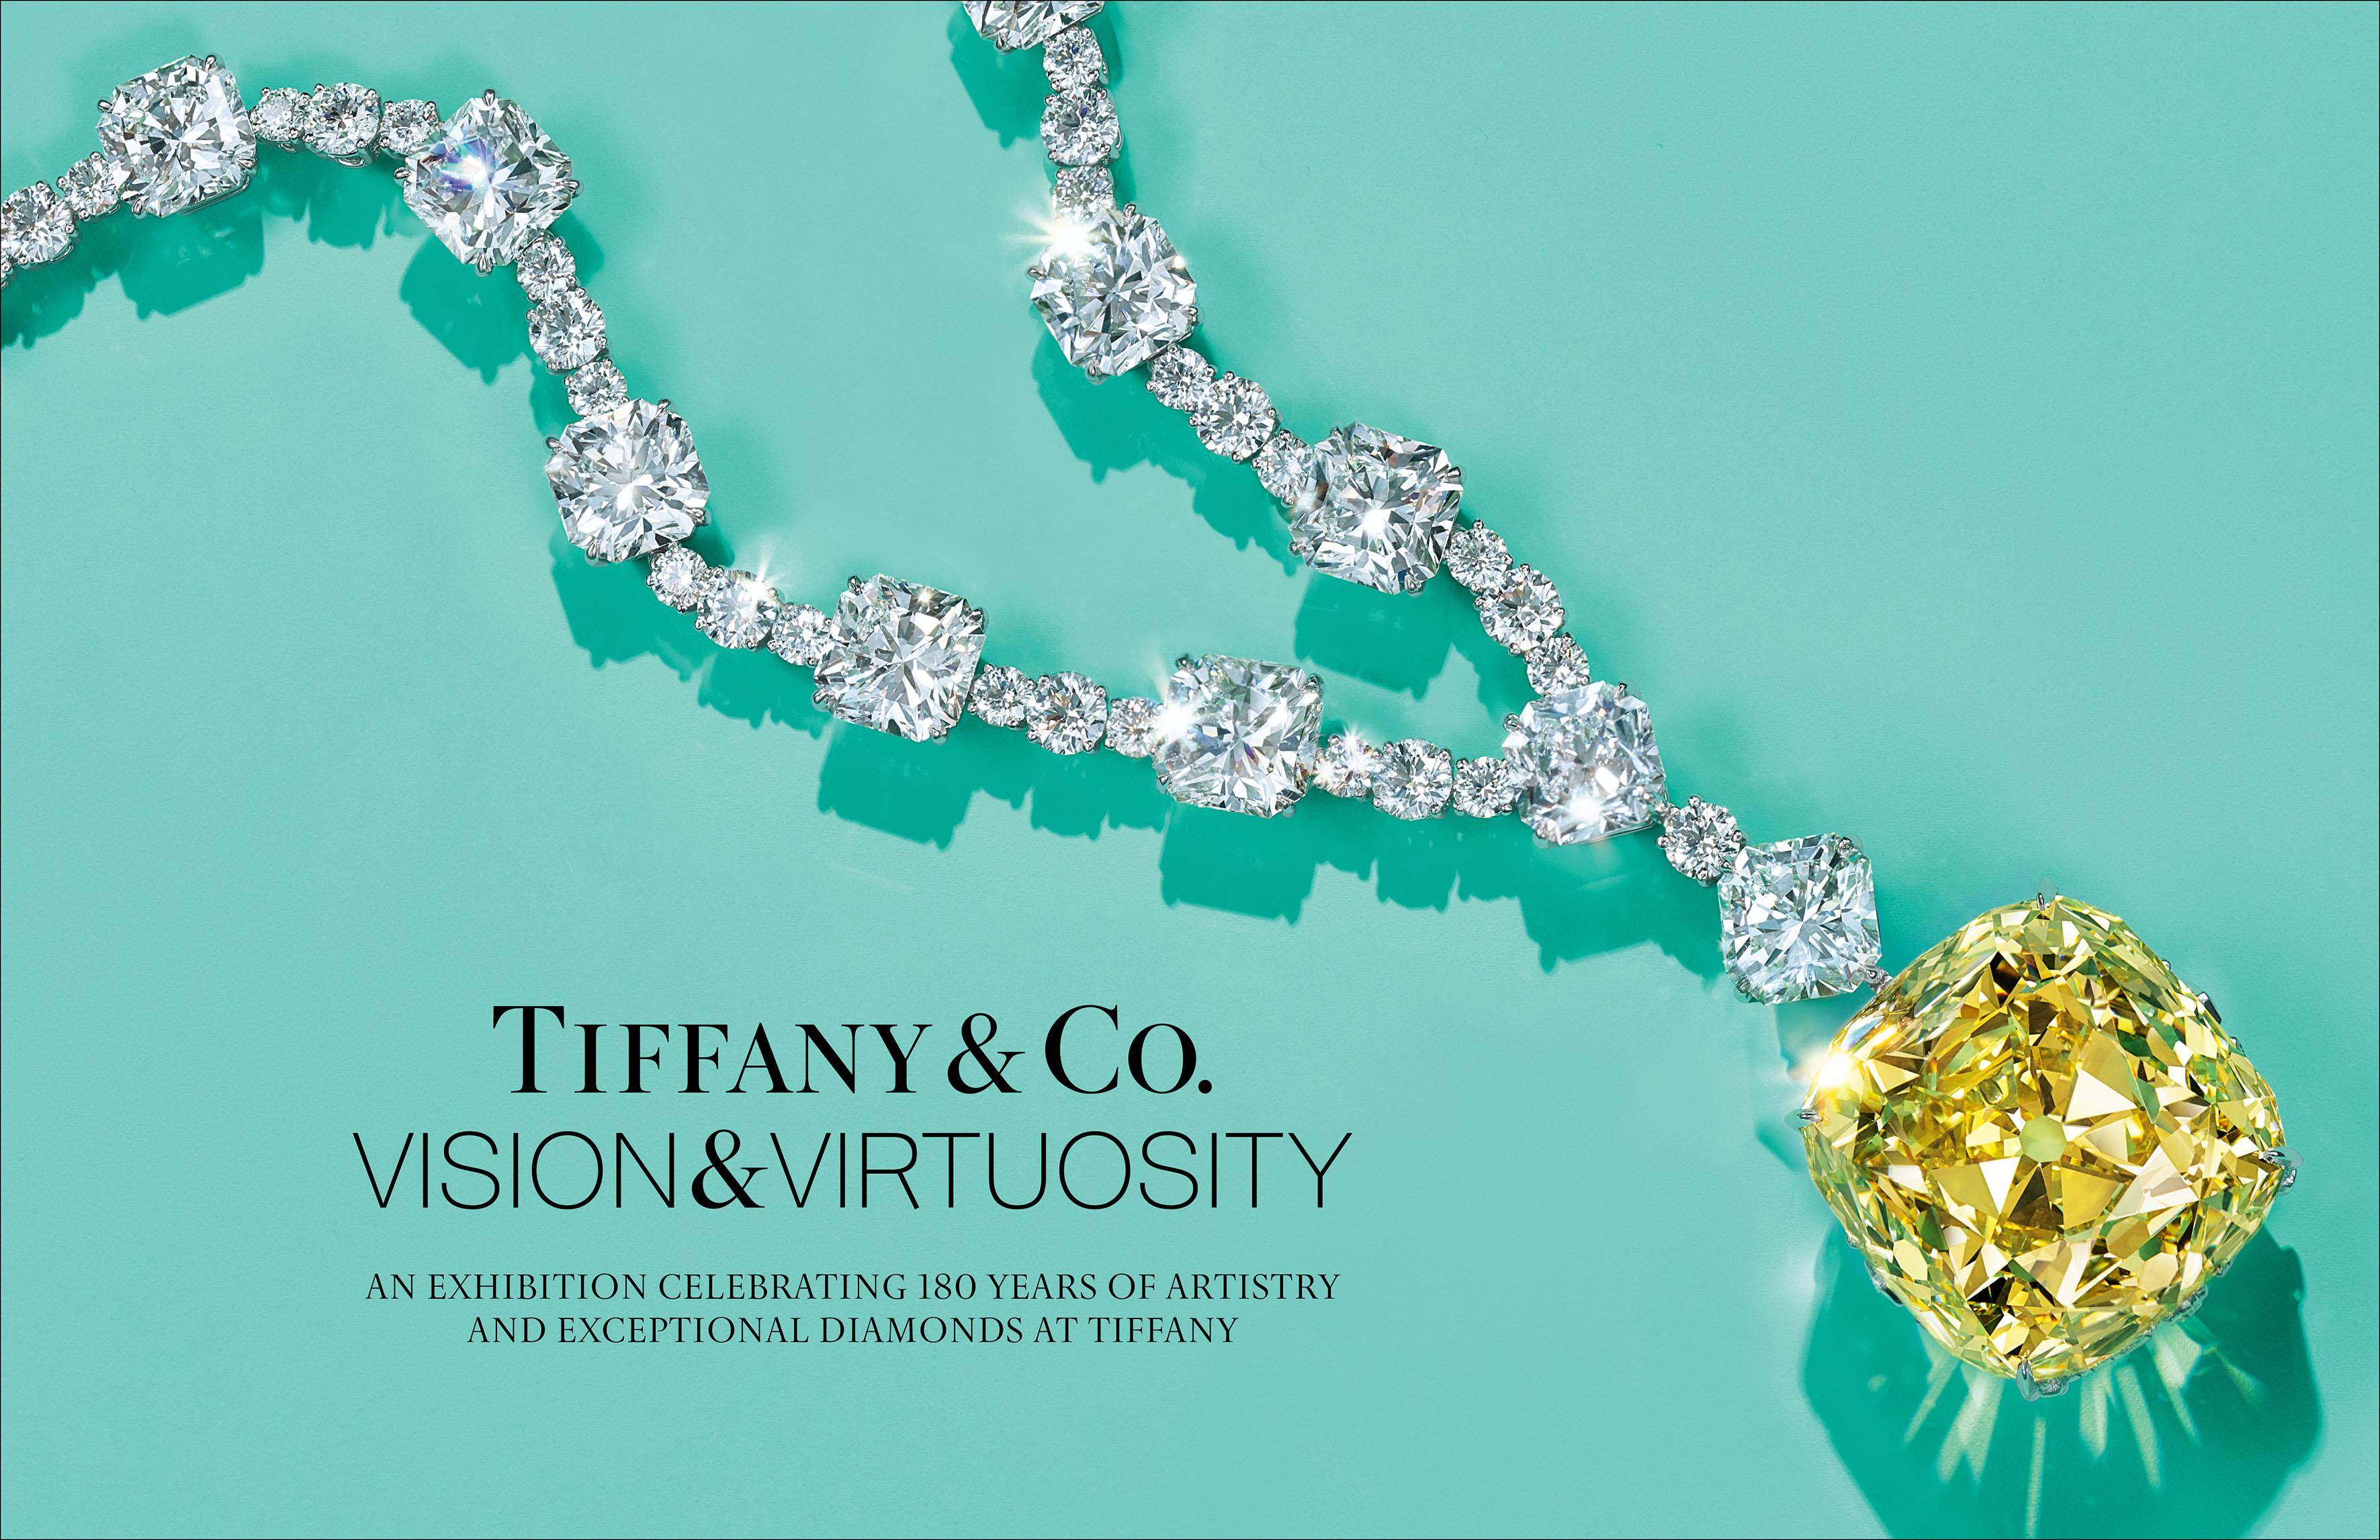 """""""VISION & VIRTUOSITY"""", la Shanghai la mostra che celebra i 180 anni di Tiffany & Co."""